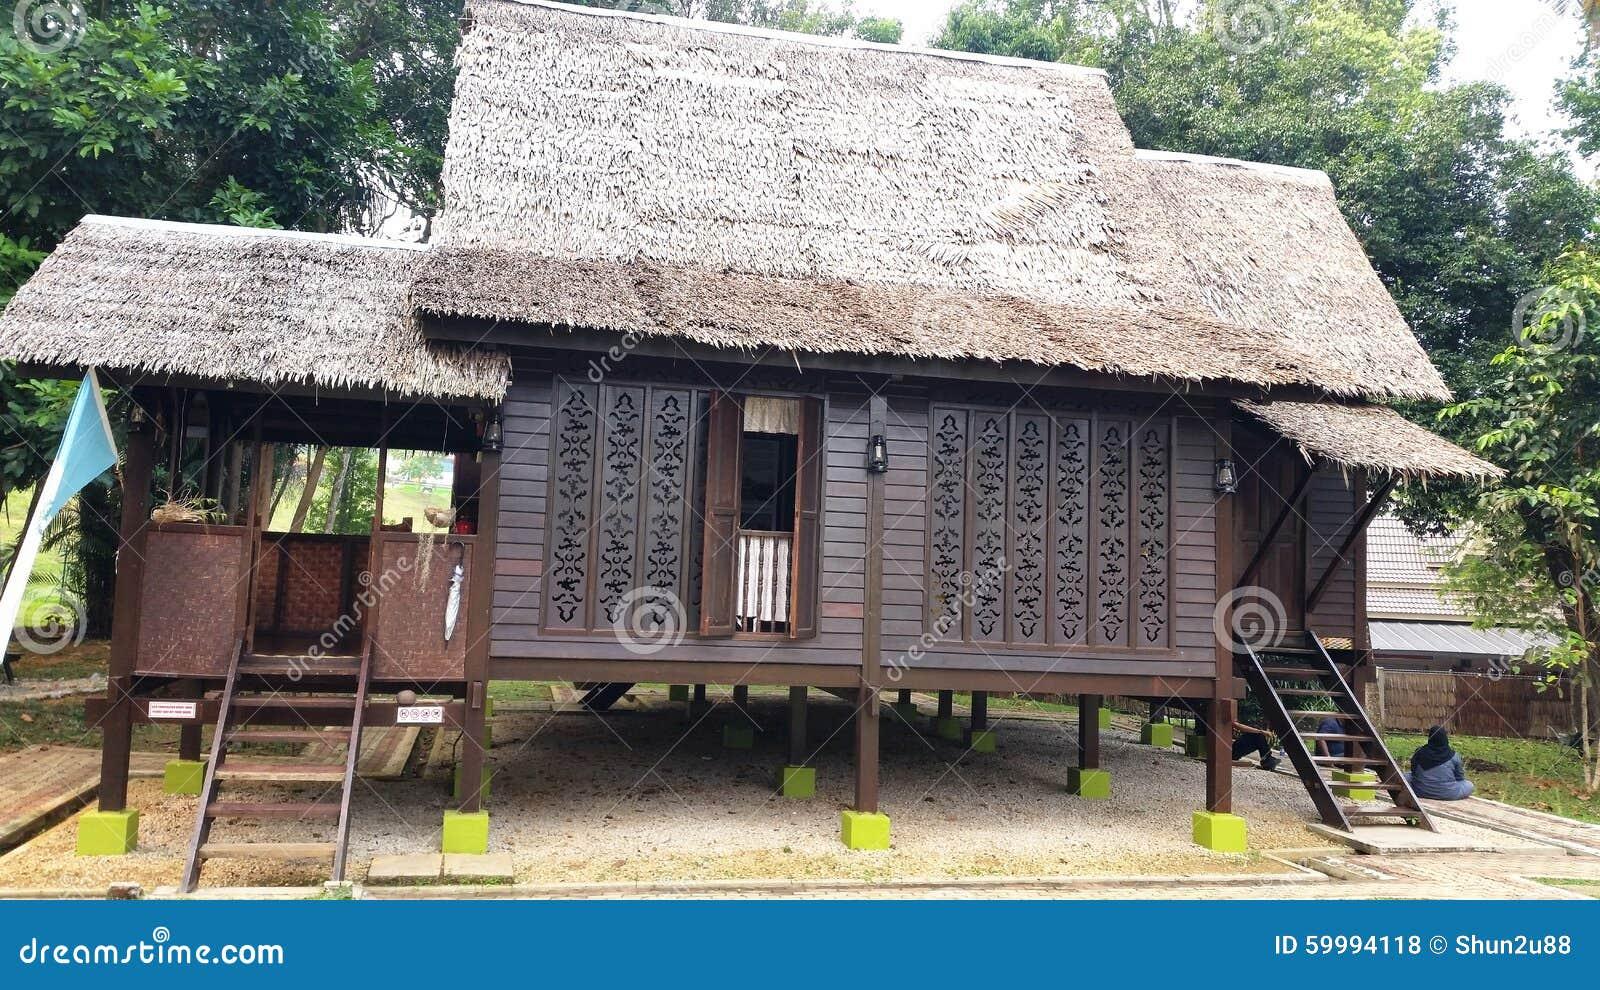 Kampung House Stock Photo - Image: 59994118 - ^